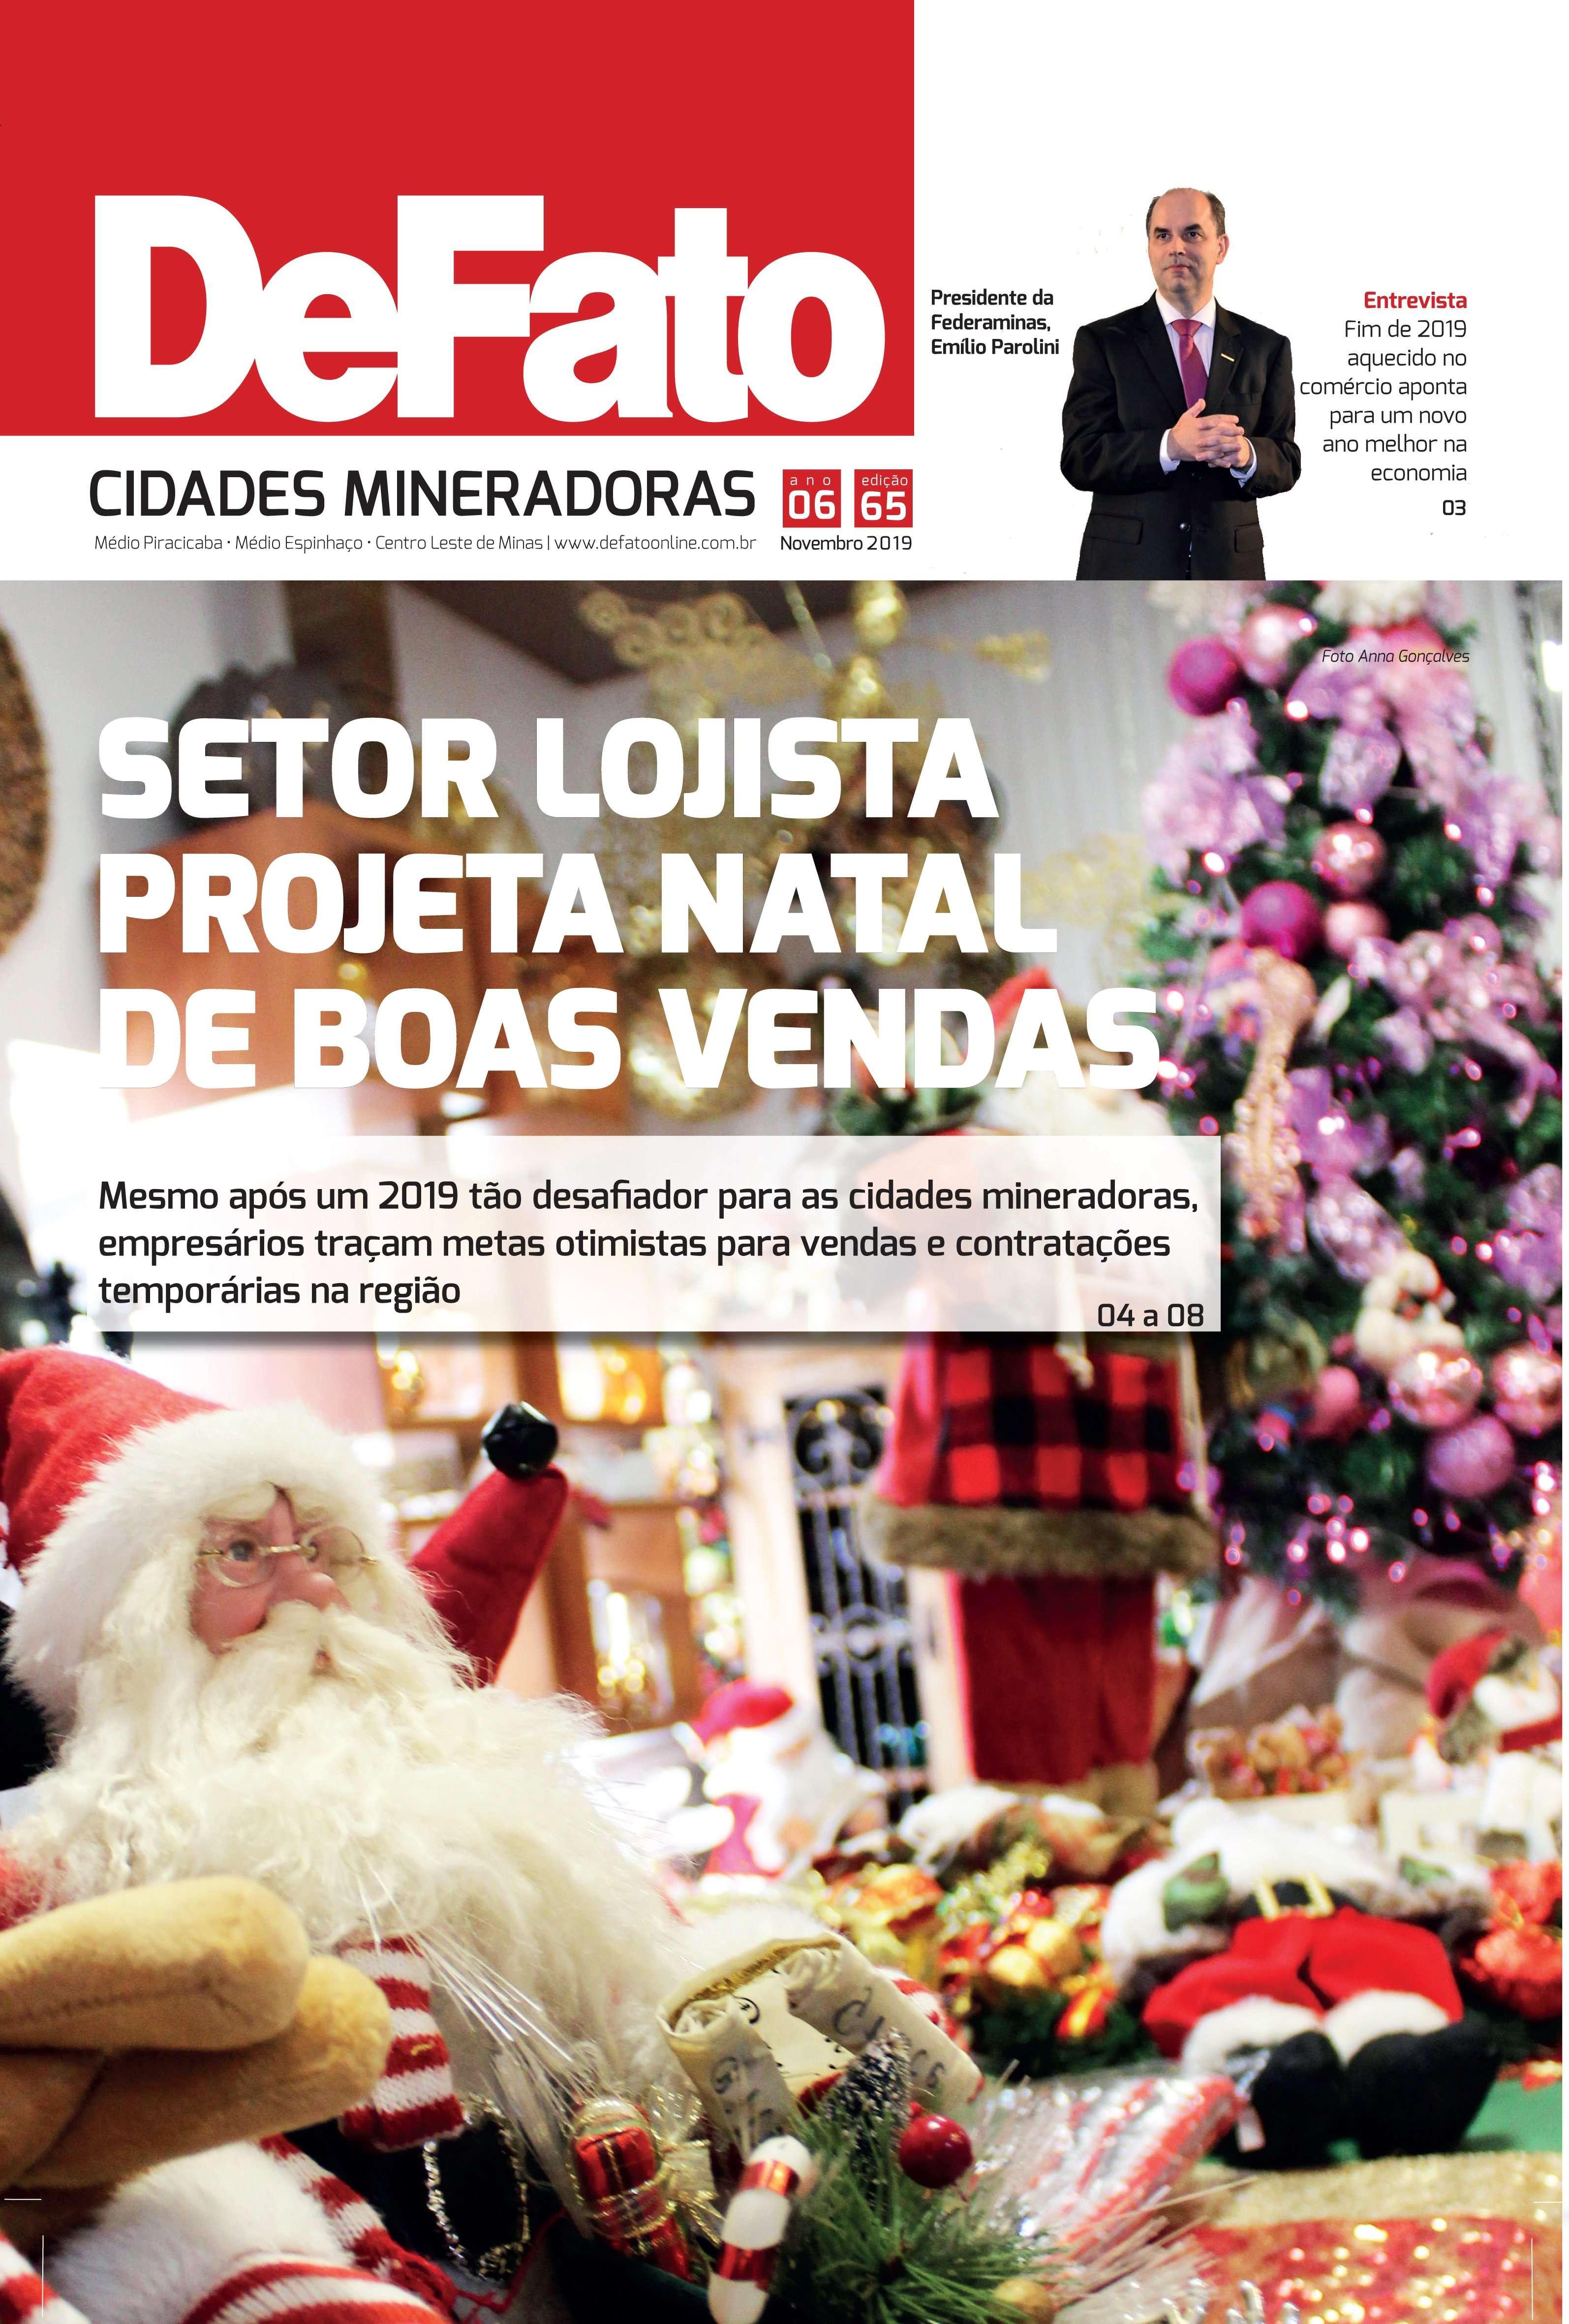 Jornal DeFato Cidades Mineradoras – Edição 65